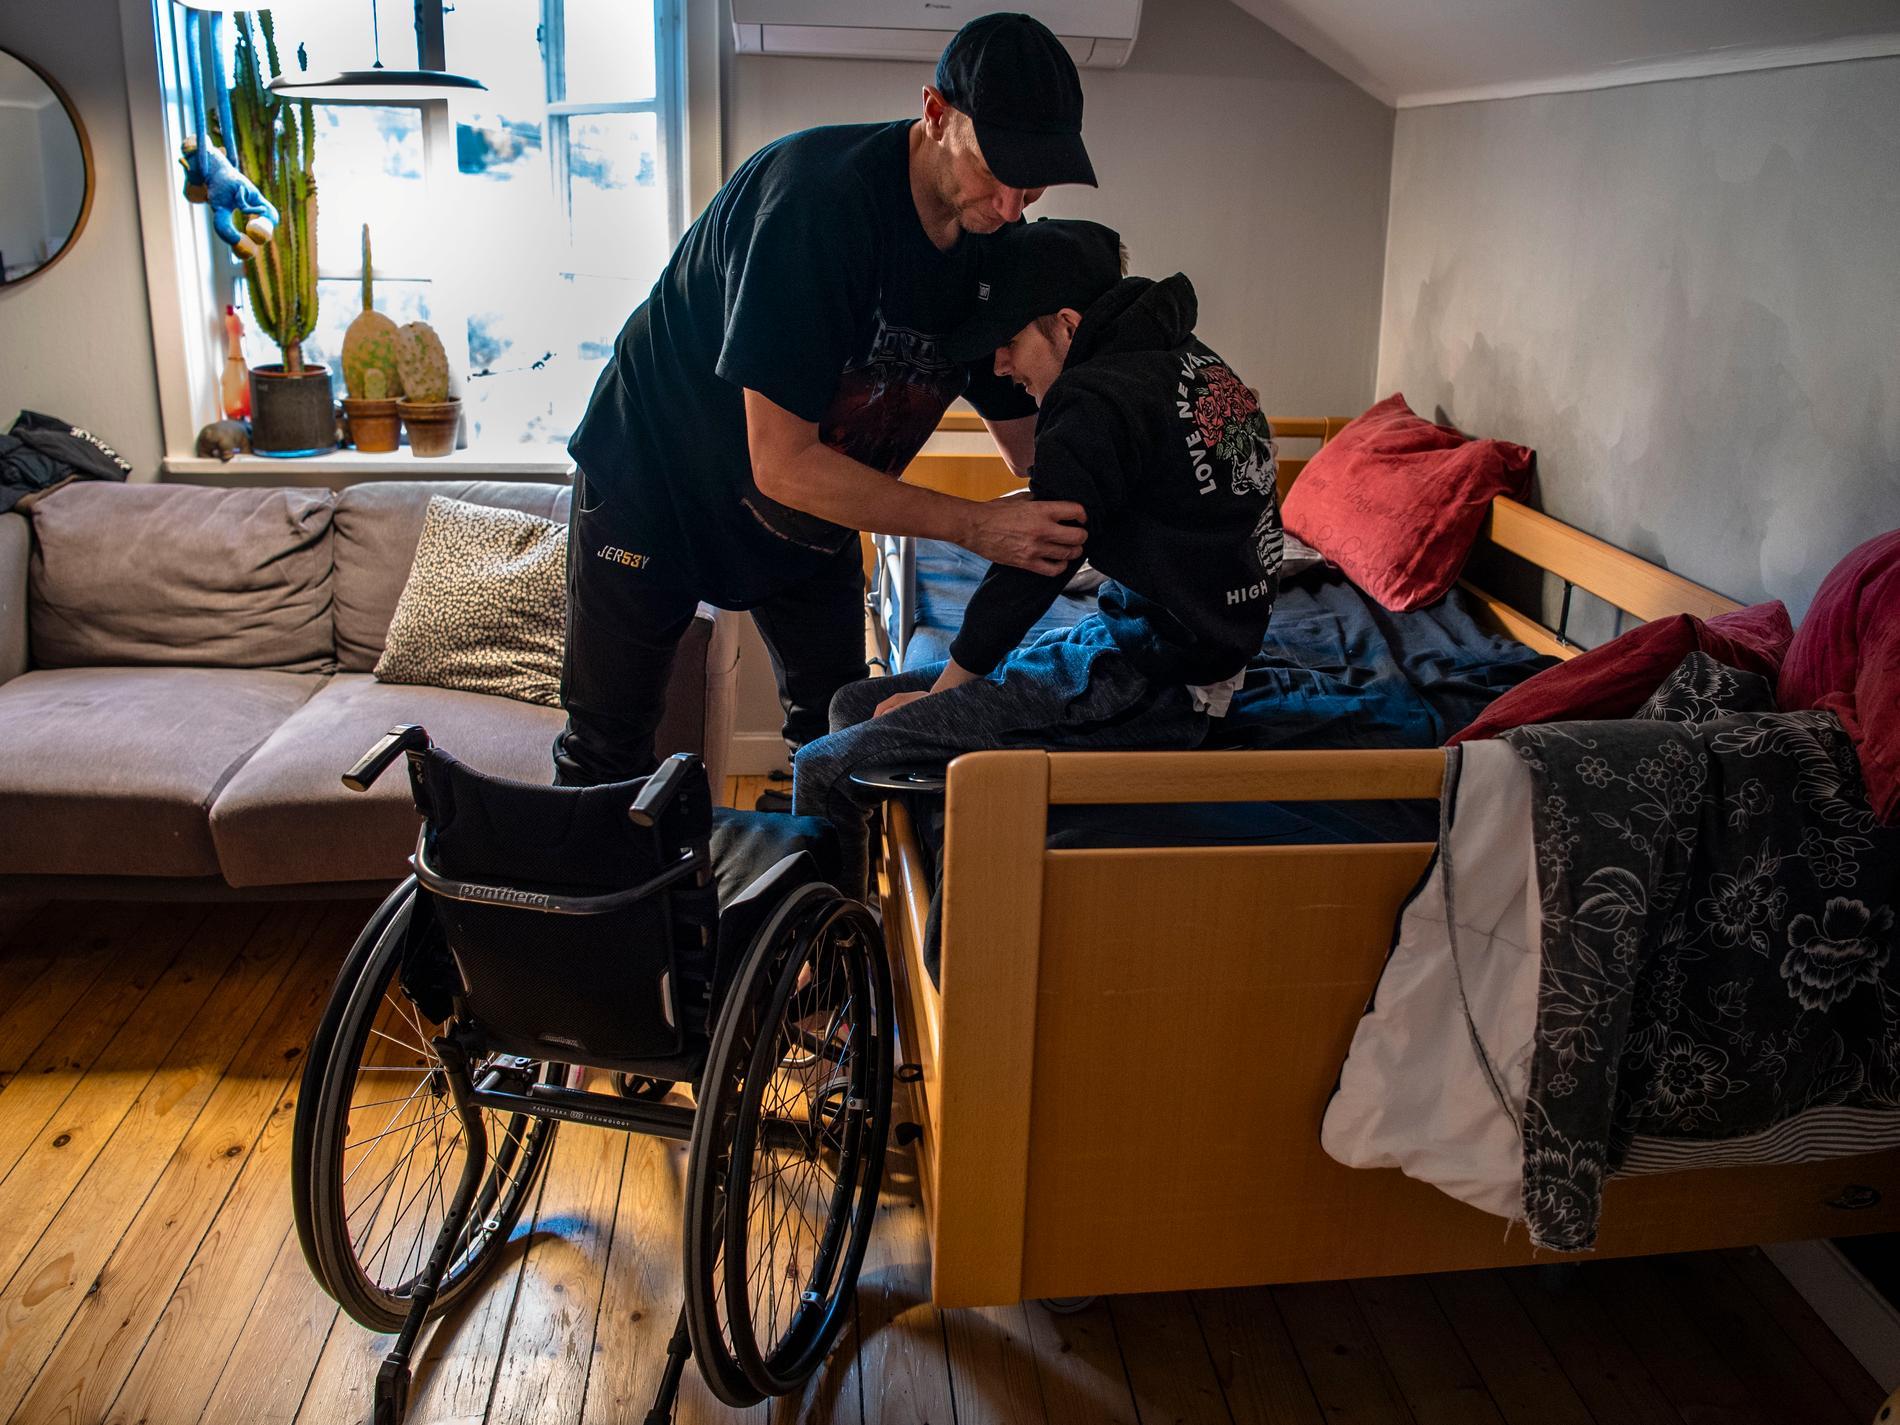 Jimmi Lännerholm behöver hjälp av sin assistent Marko Keskinen för alla vardagsbehov.